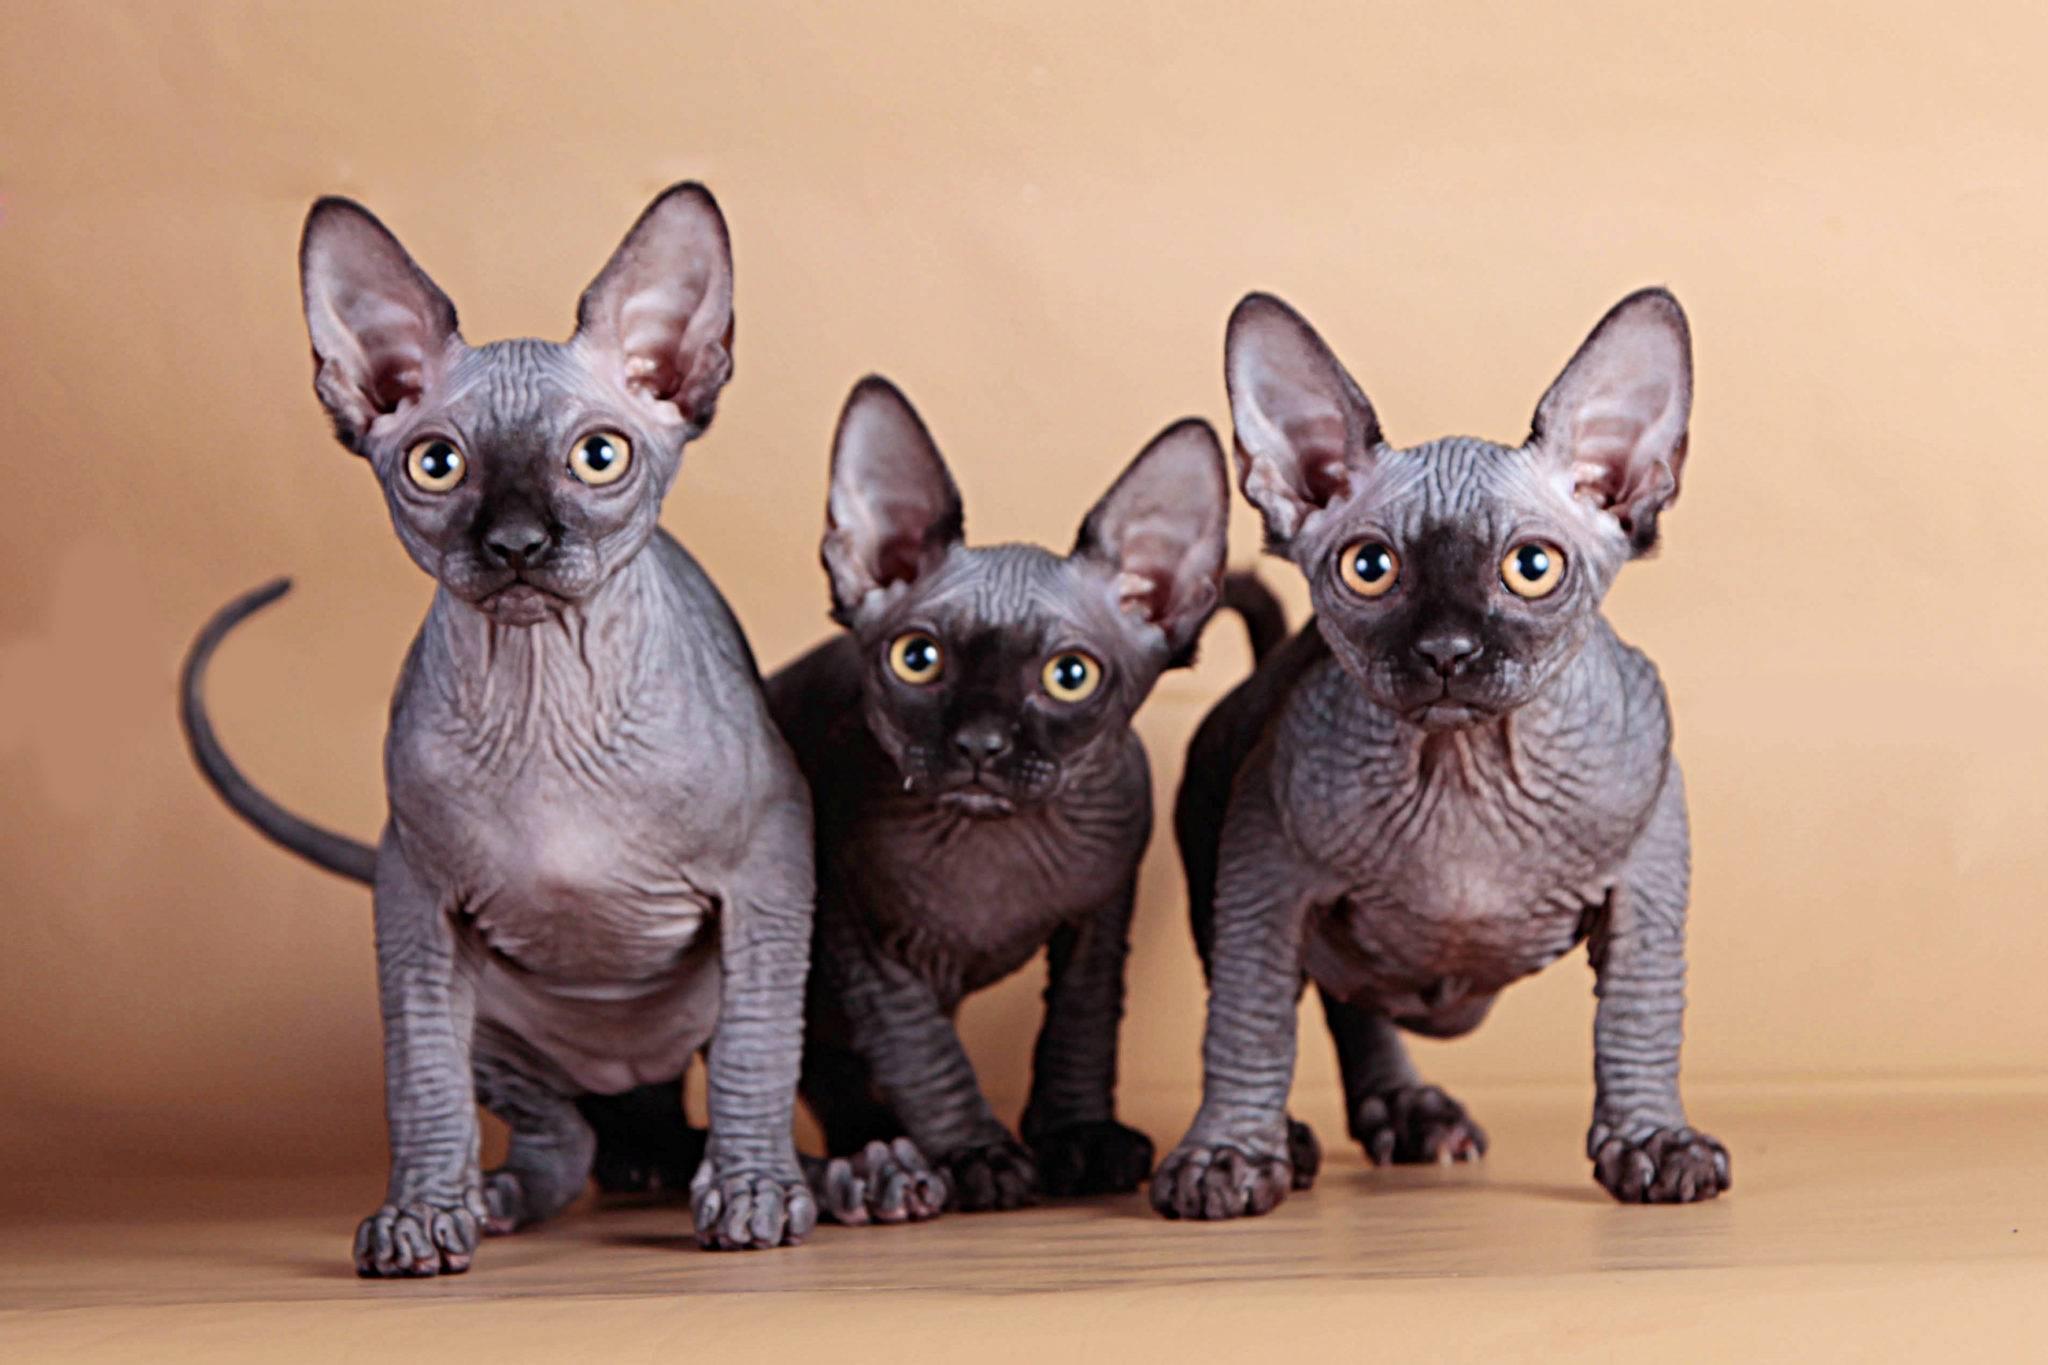 Кошка канадский сфинкс: фото, описание породы, характер, содержание.